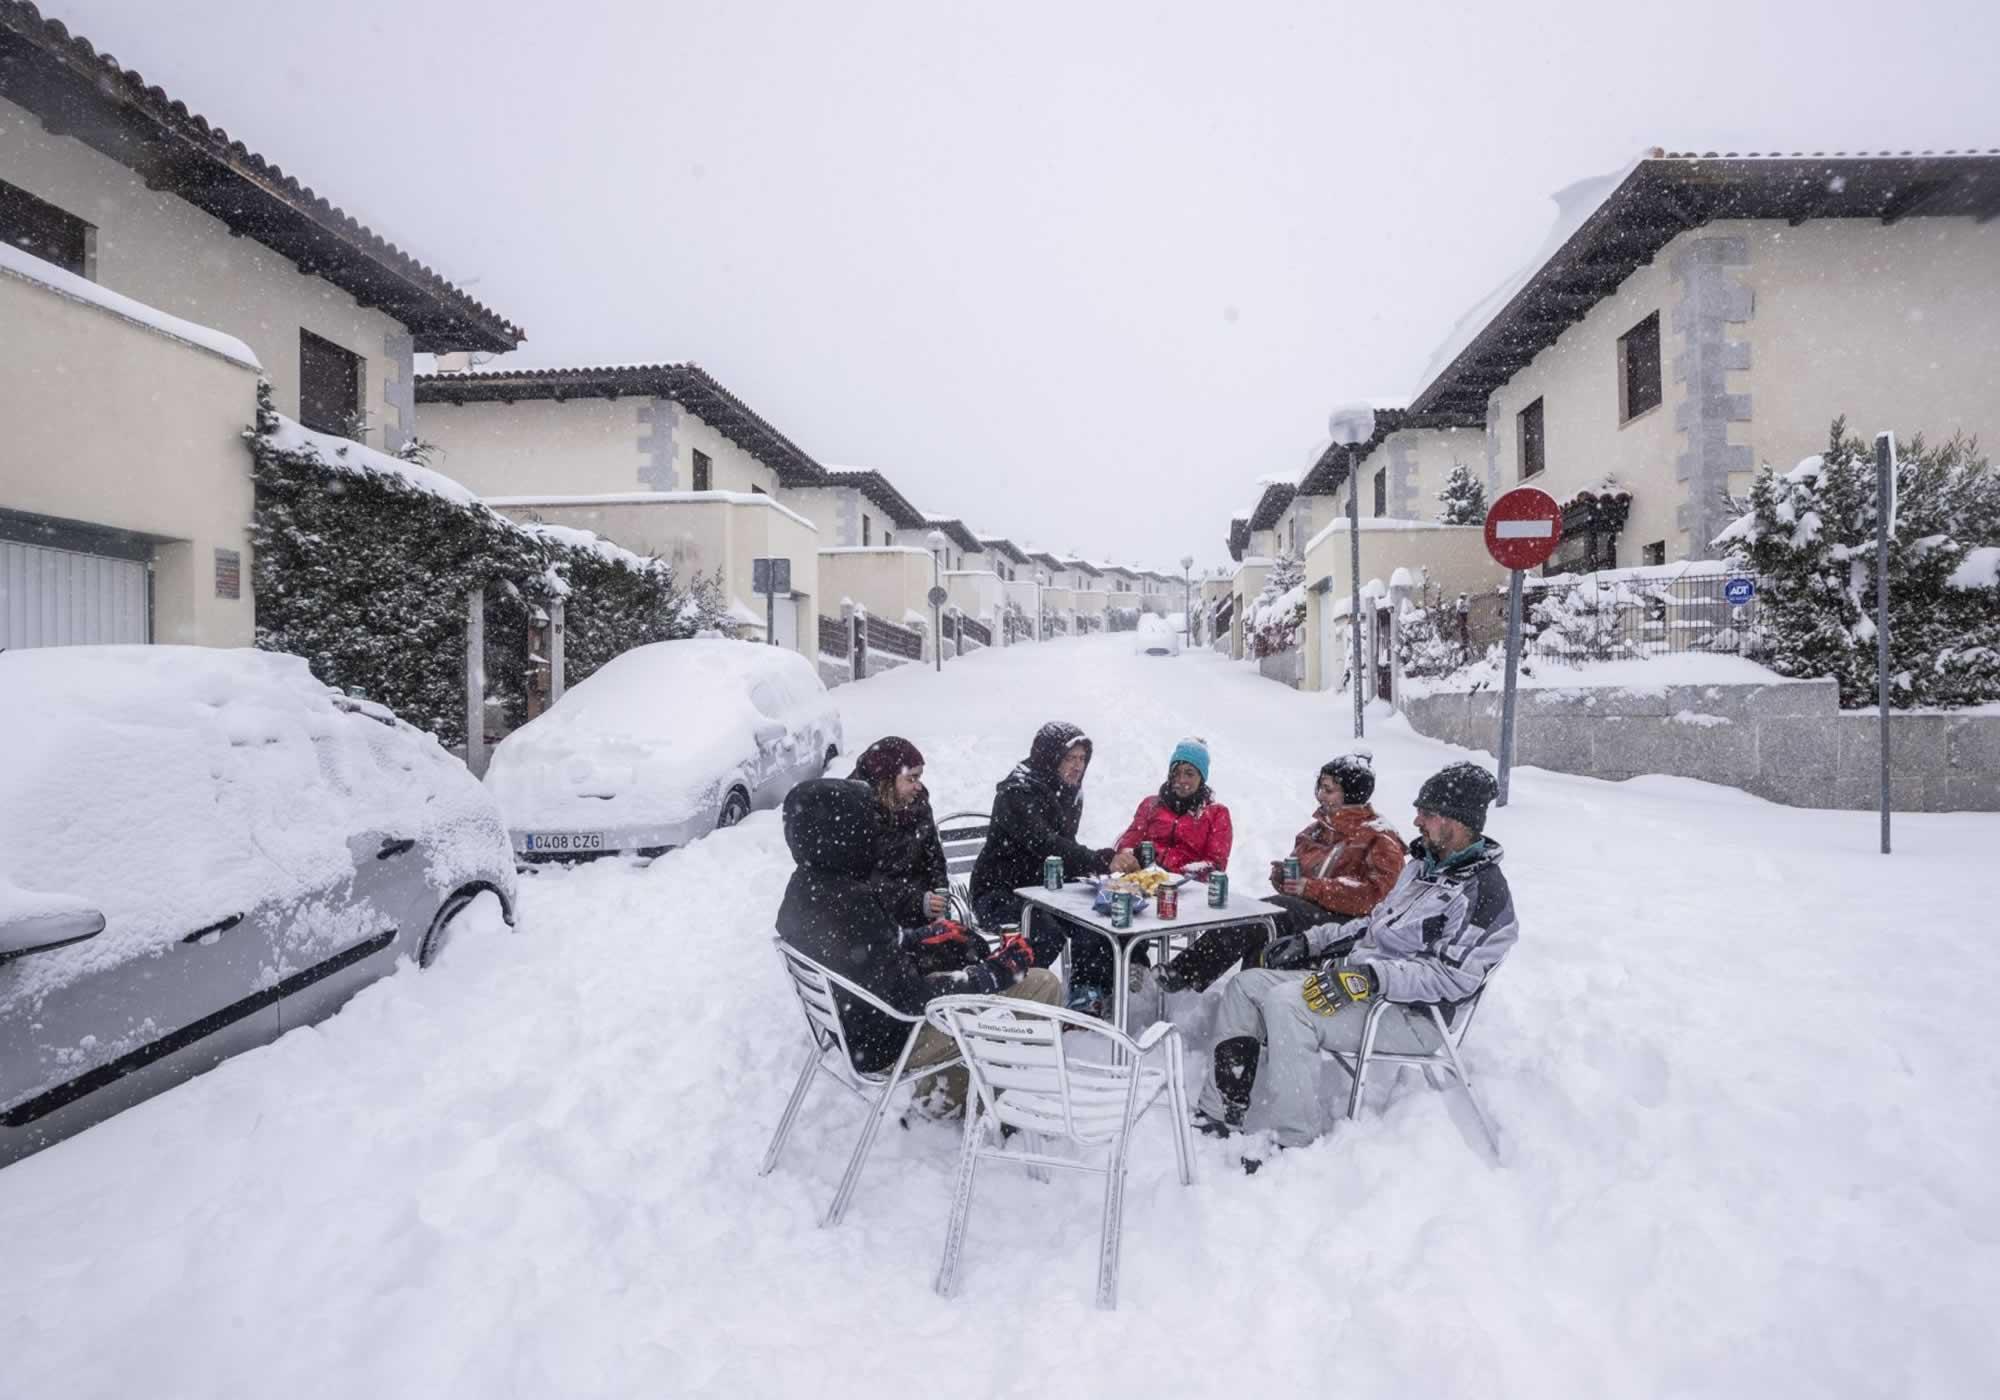 Δριμύ ψύχος στην Ευρώπη-Η Ισπανία στο έλεος του Χιονιά